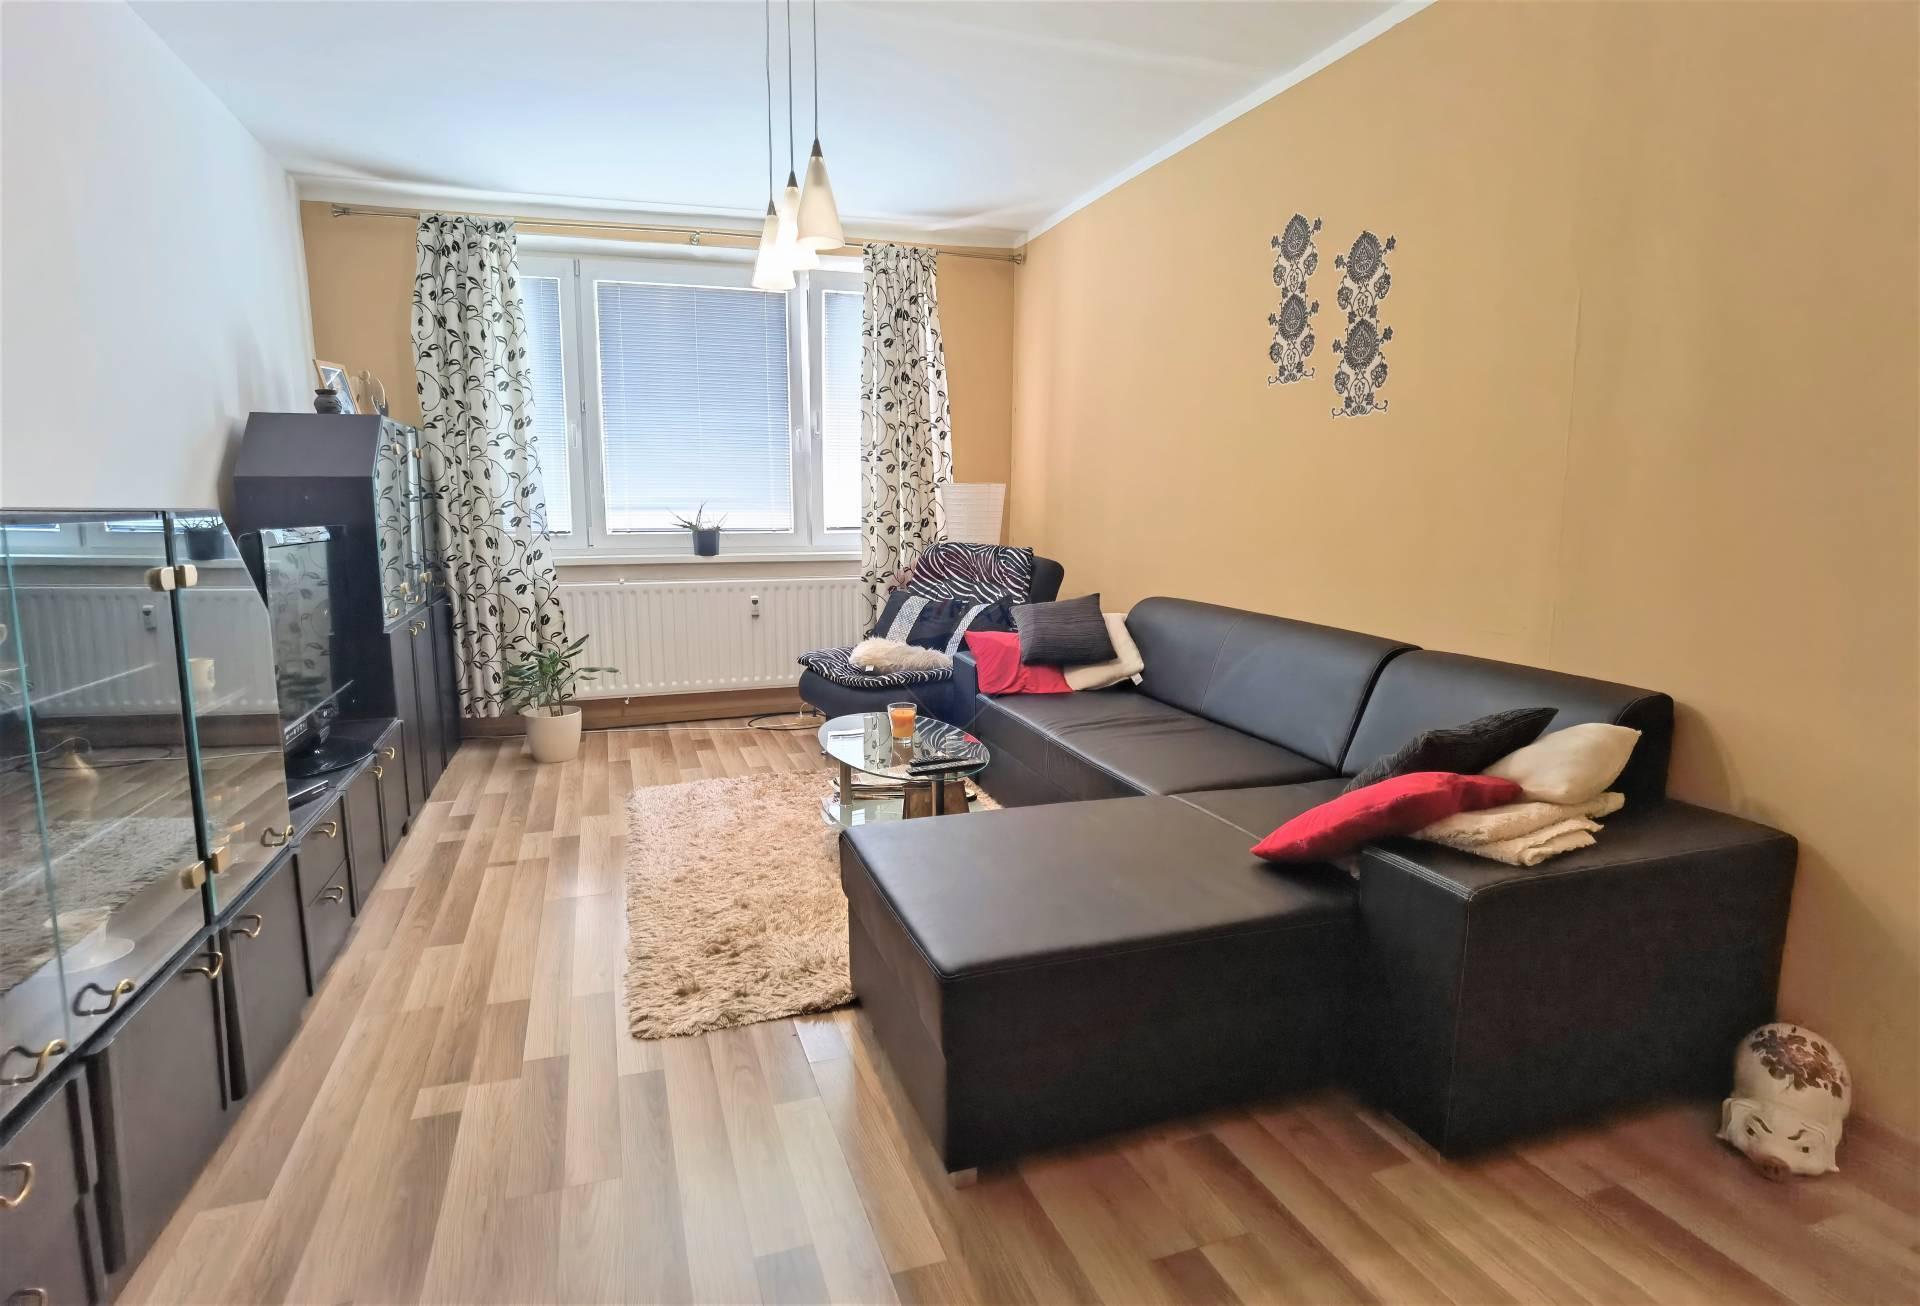 Predaj bytu (3 izbový) 80 m2, Trnava -